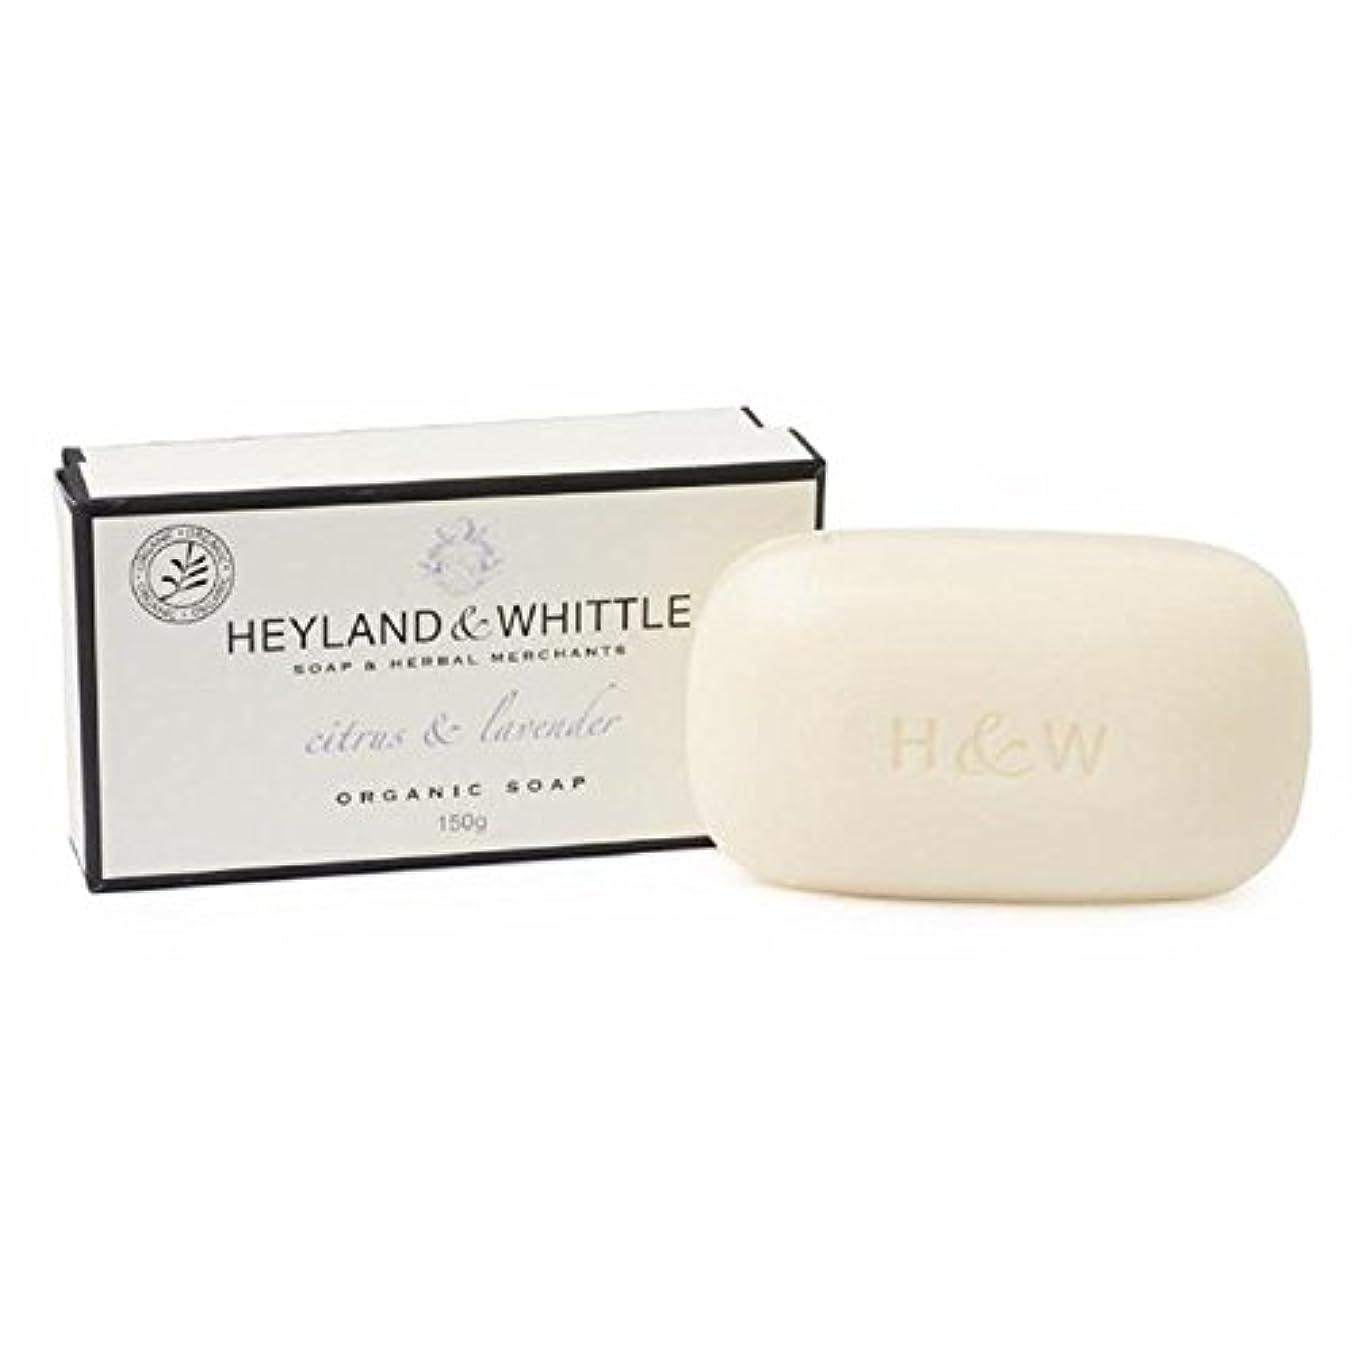 聴くスキームラジウム&削るシトラス&ラベンダーは、有機石鹸150グラム箱入り x2 - Heyland & Whittle Citrus & Lavender Boxed Organic Soap 150g (Pack of 2) [並行輸入品]